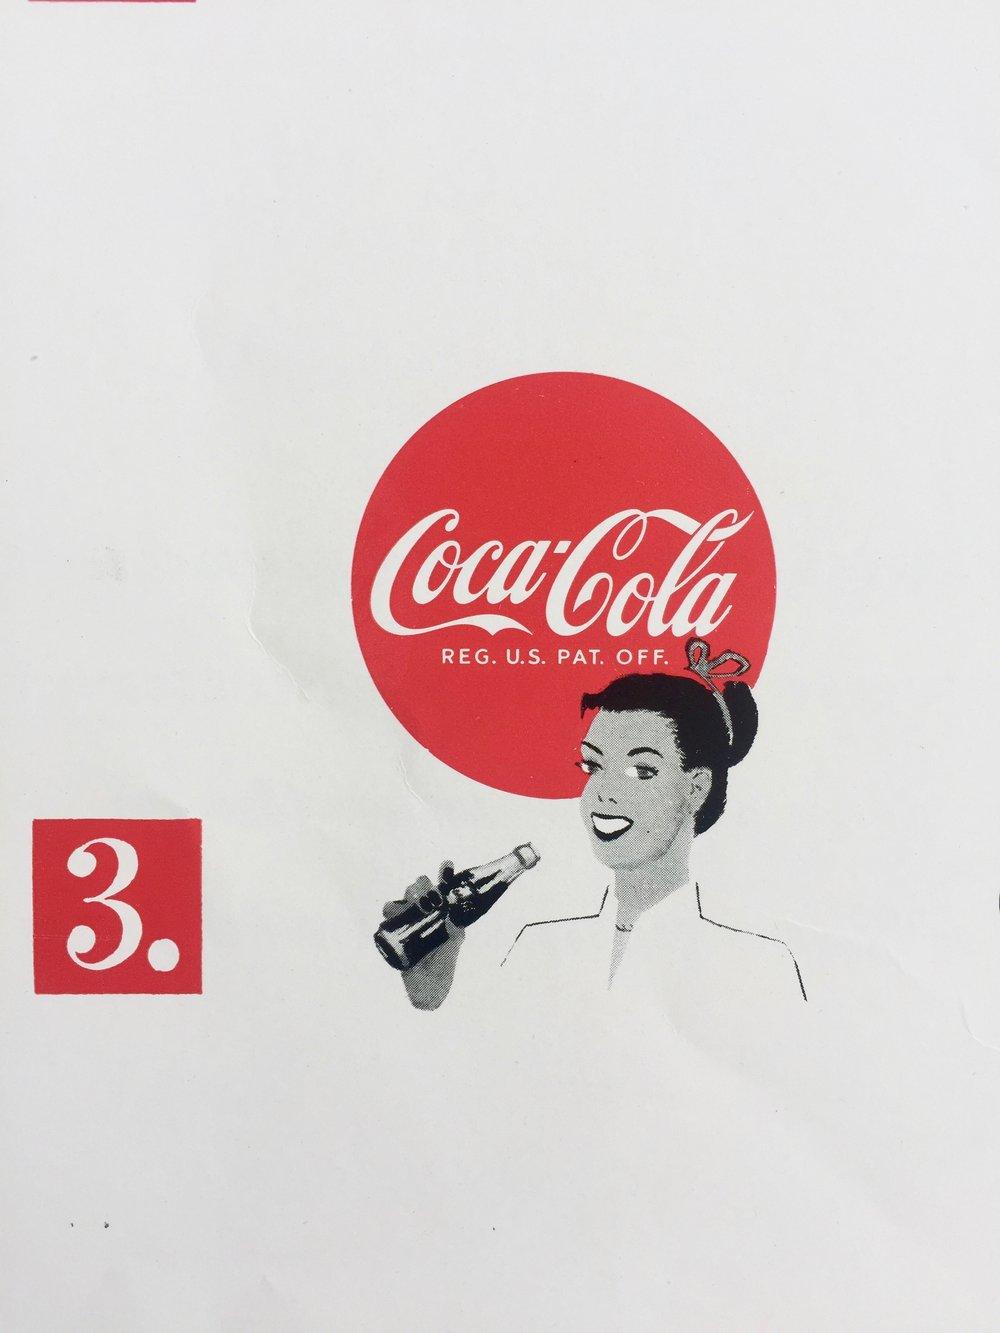 coke_2514.jpeg